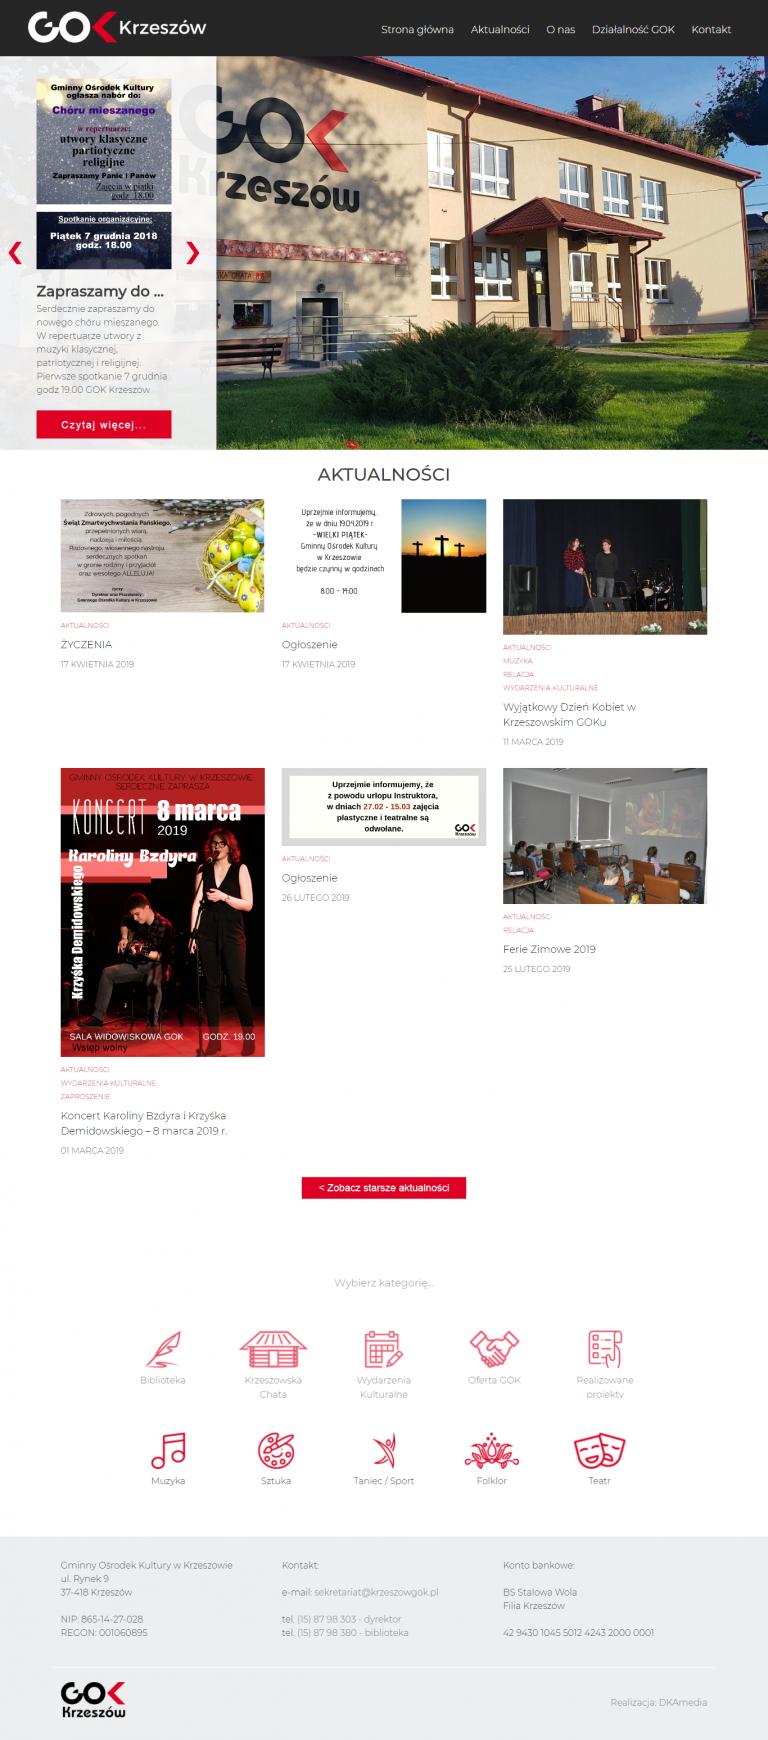 Realizacja DKAmedia dla - GOK Krzeszów – Oficjalna strona Gminnego Ośrodka Kultury w Krzeszowie - krzeszowgok.pl